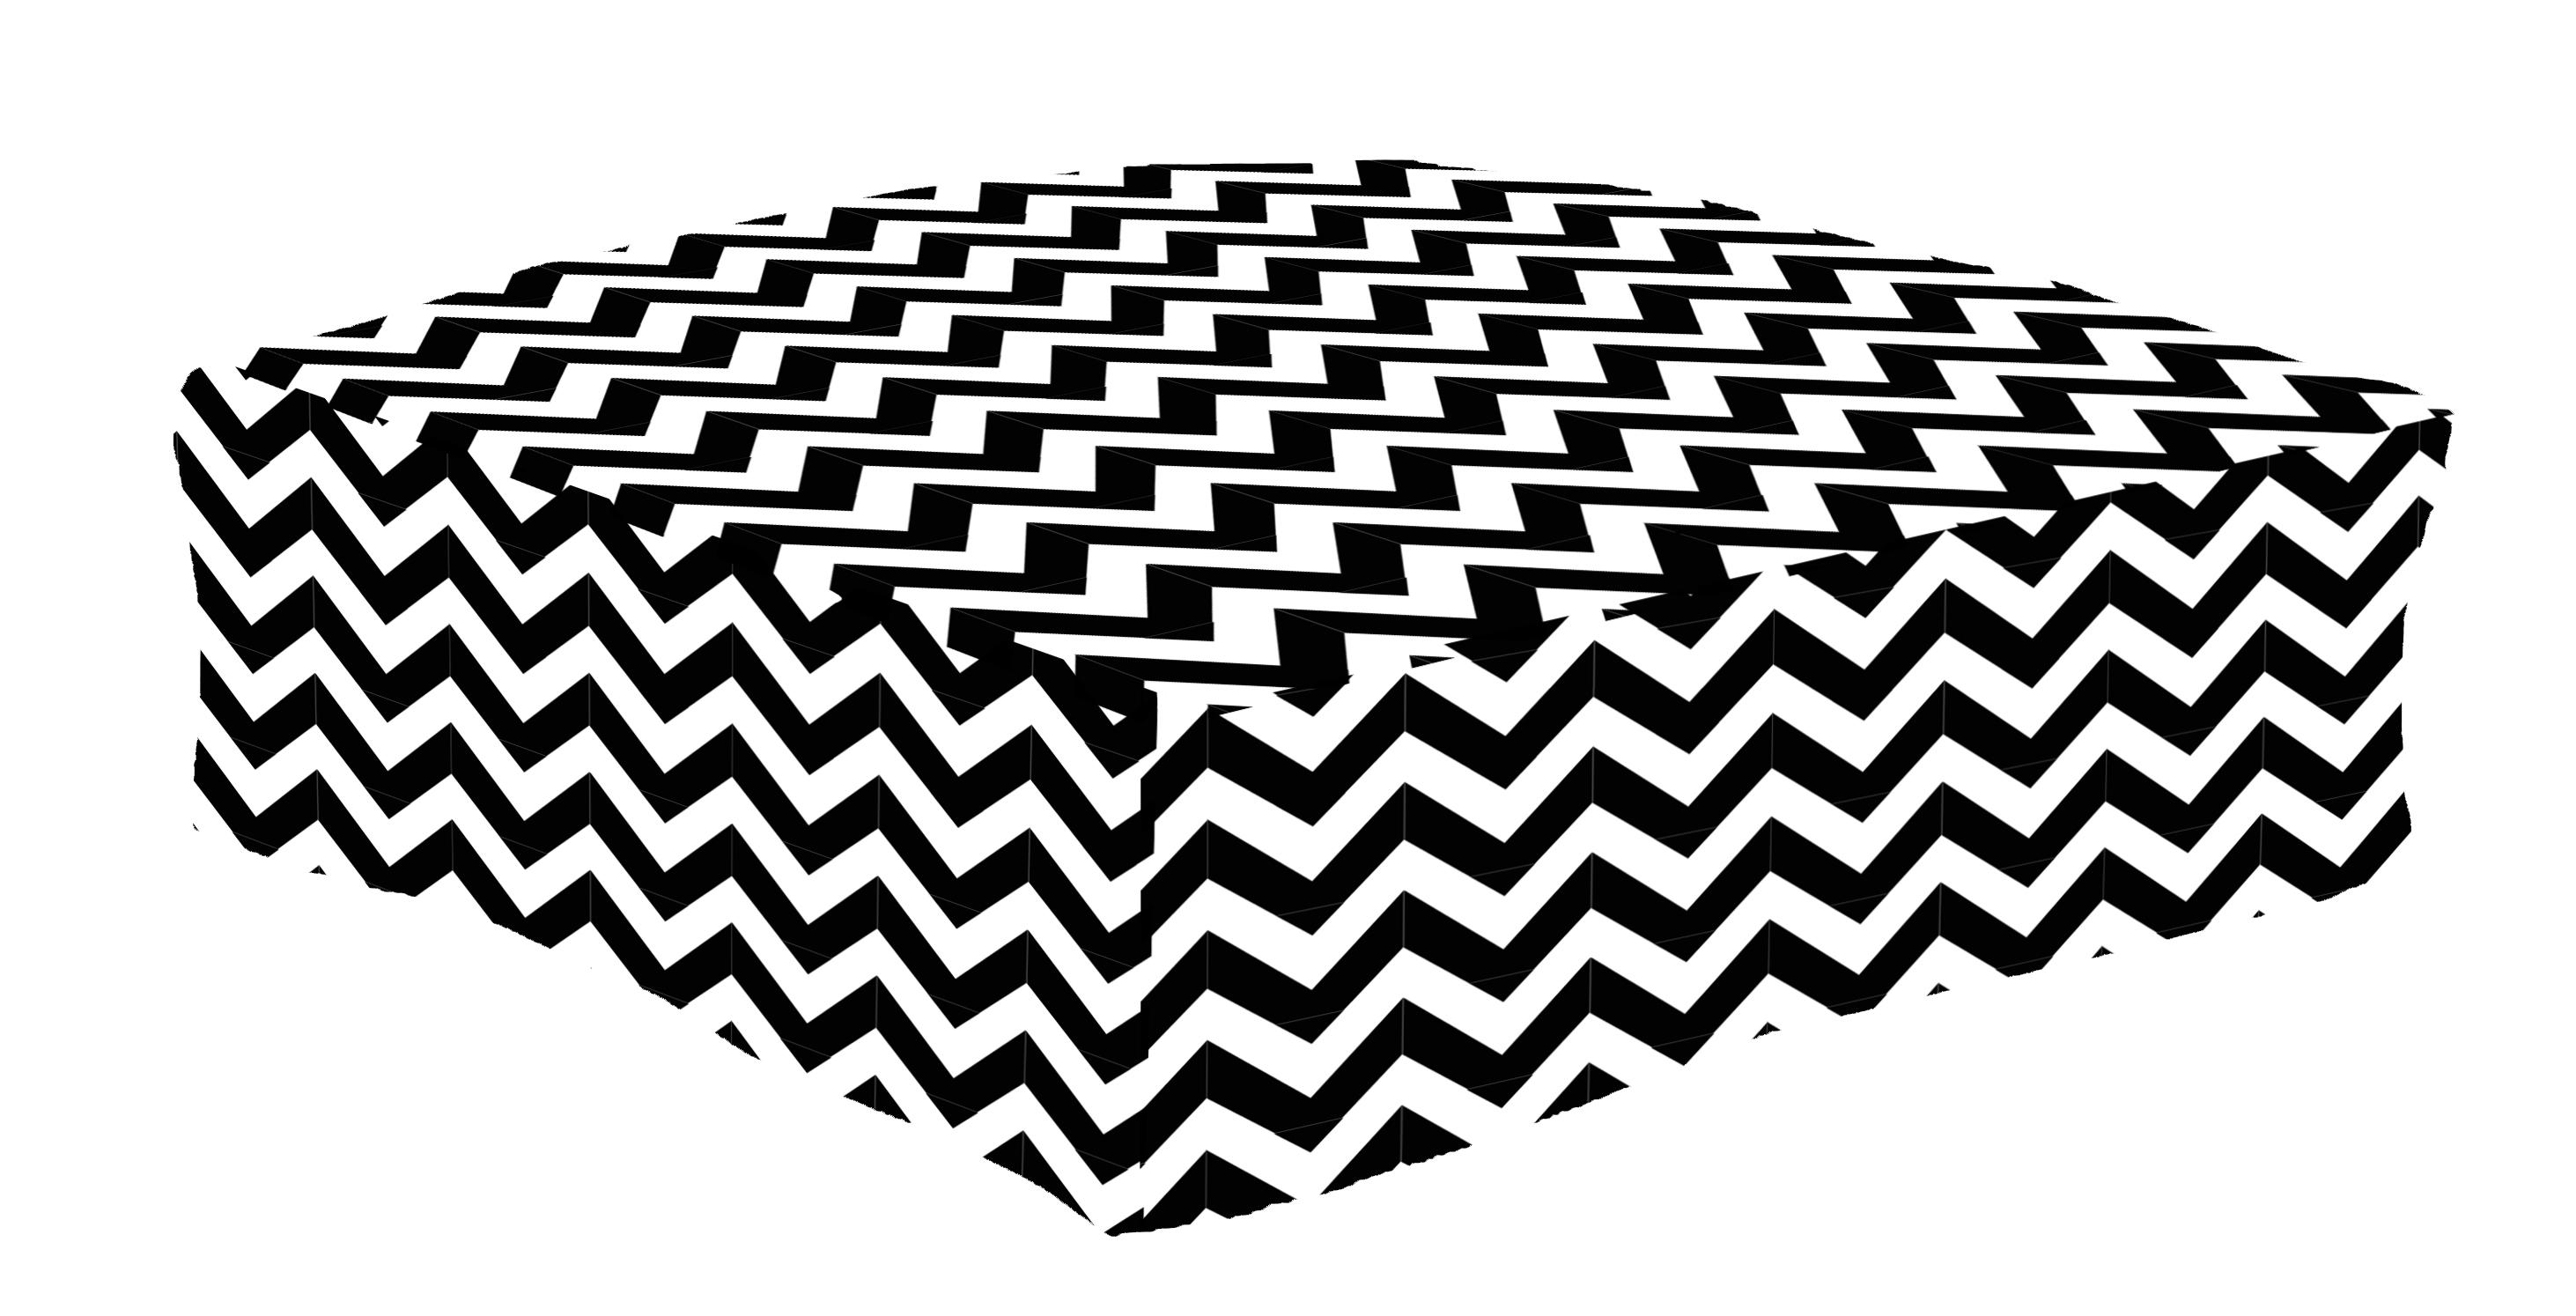 coussin de sol xxl outdoor en microbille imprim chevrons noir blanc homemaison vente en. Black Bedroom Furniture Sets. Home Design Ideas